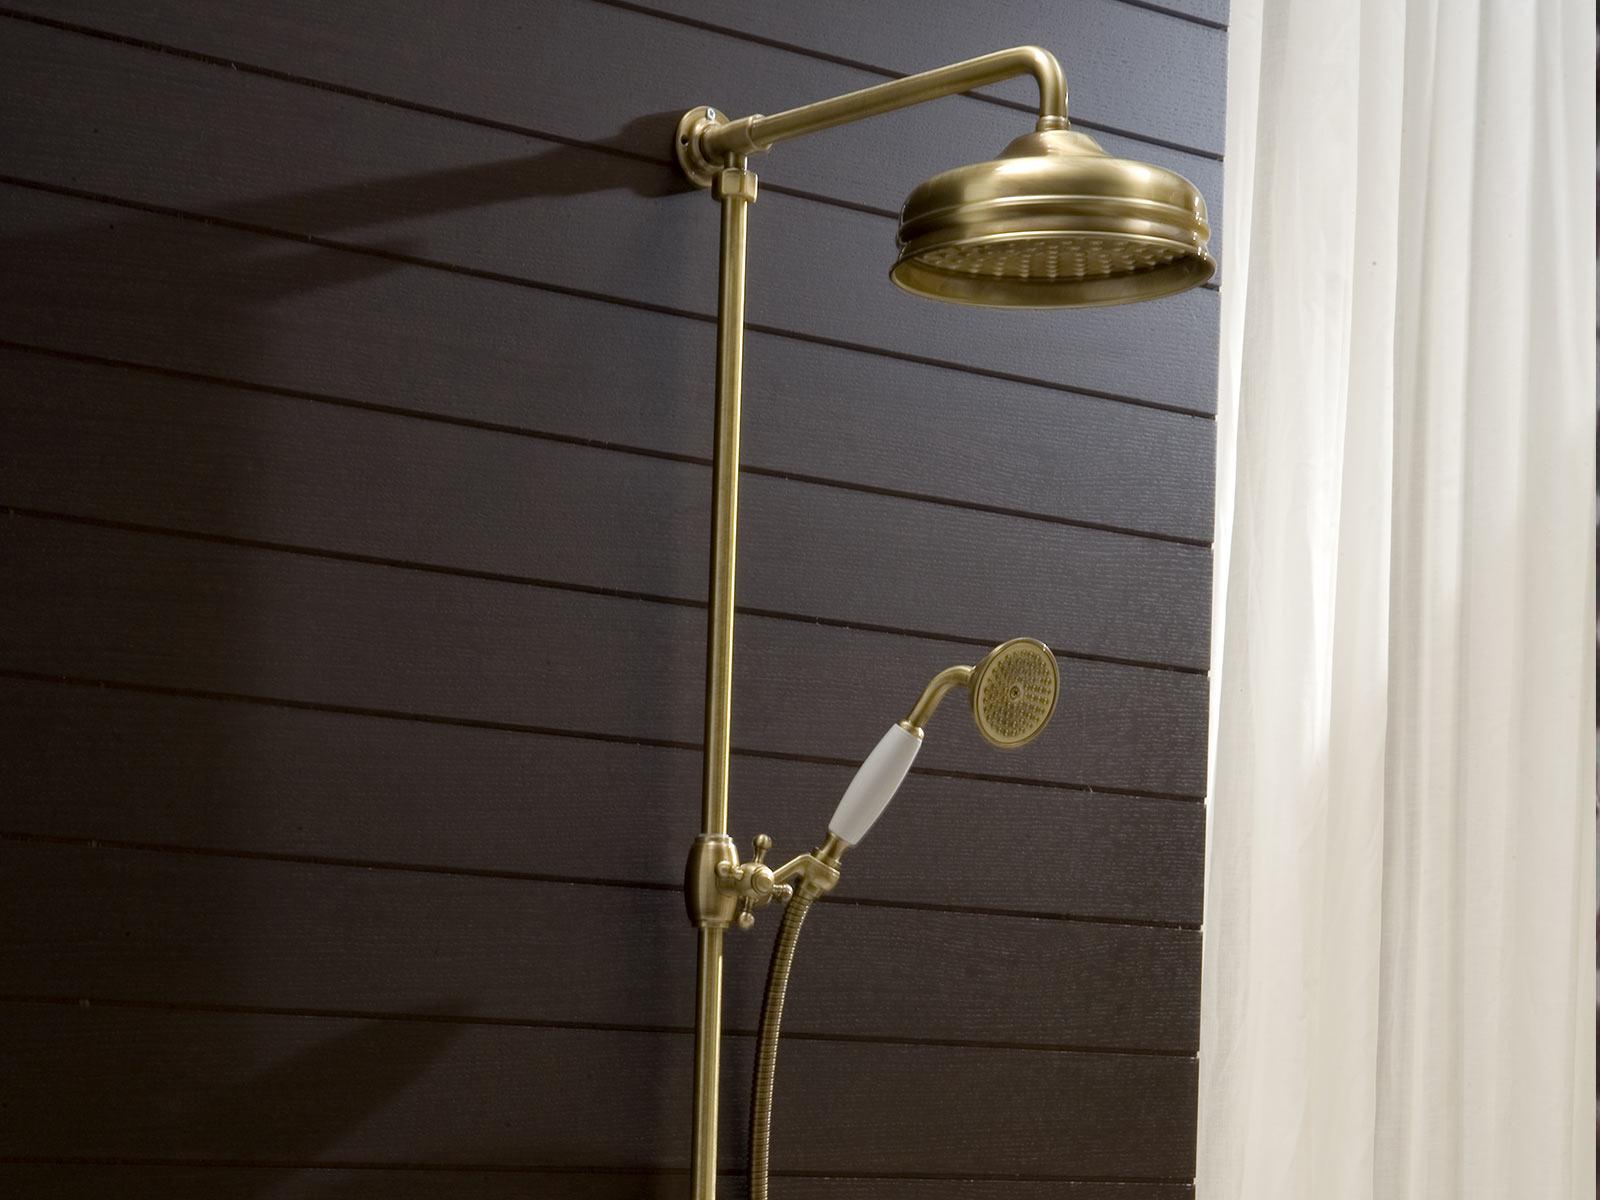 Detalle Conjunto ducha termostatico Florencia, acabado bronce.